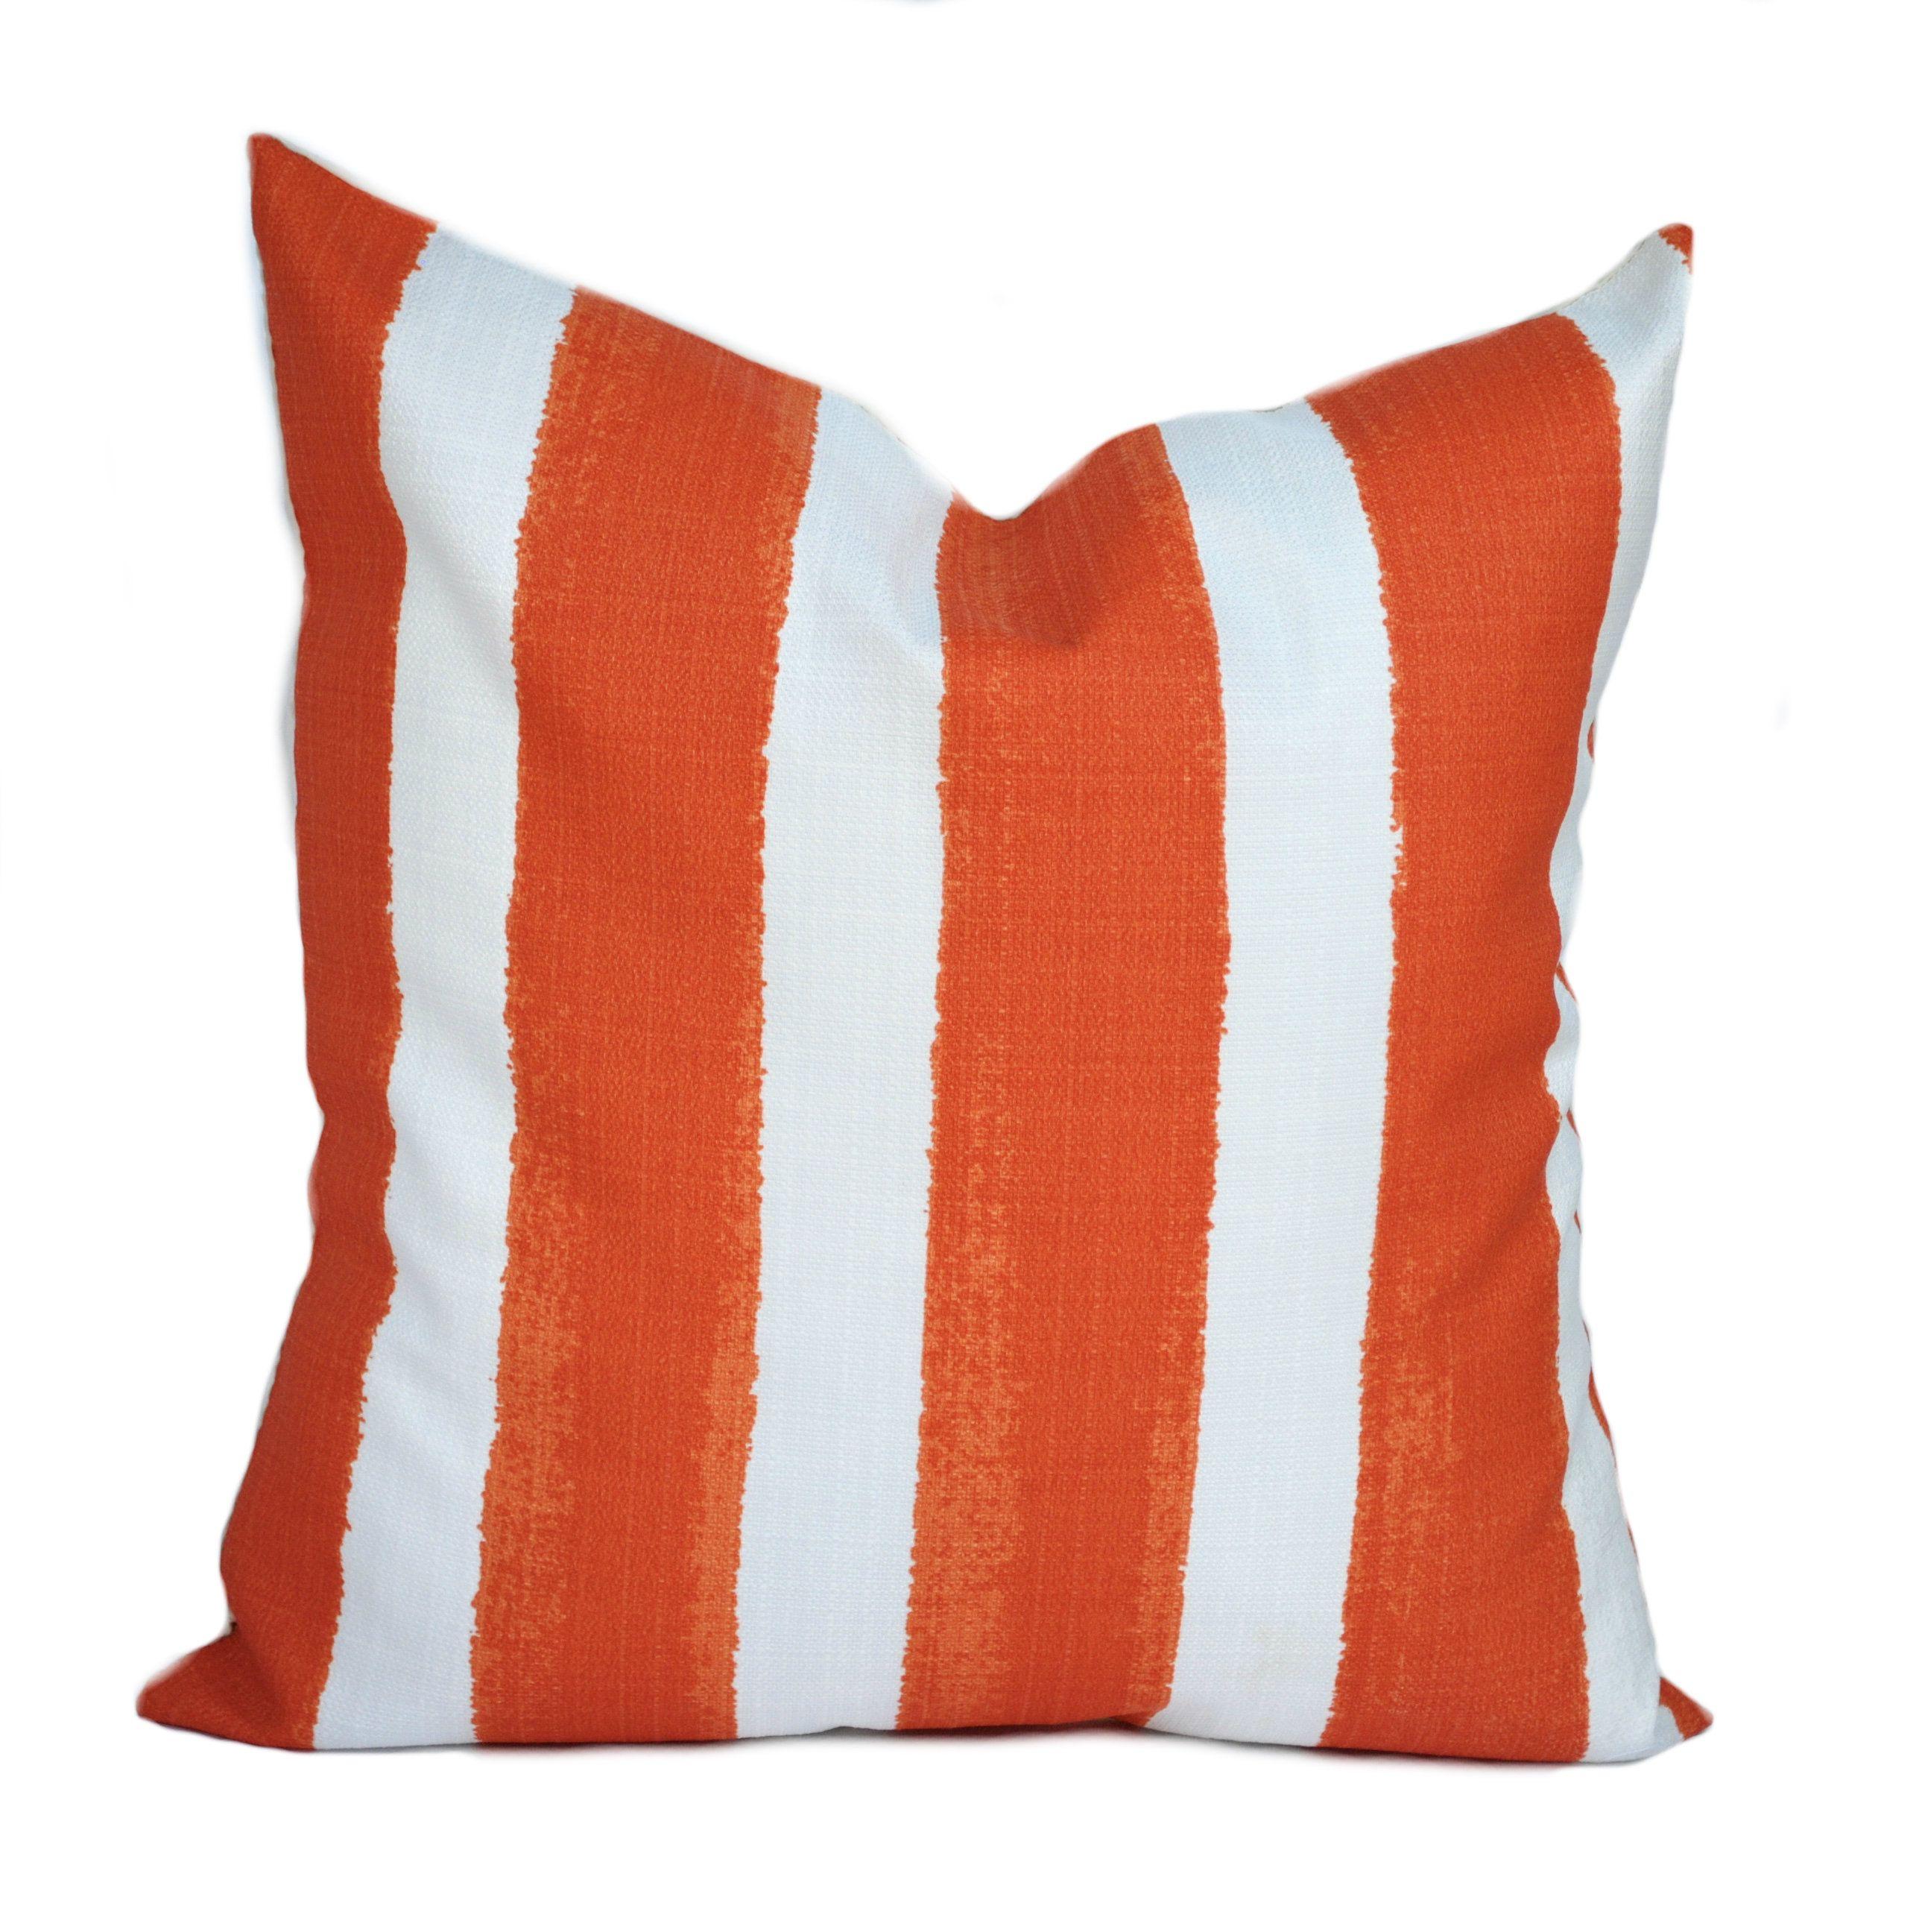 and com pillows of pillow figures beautiful grey decorative orange amp throw aquasealpro